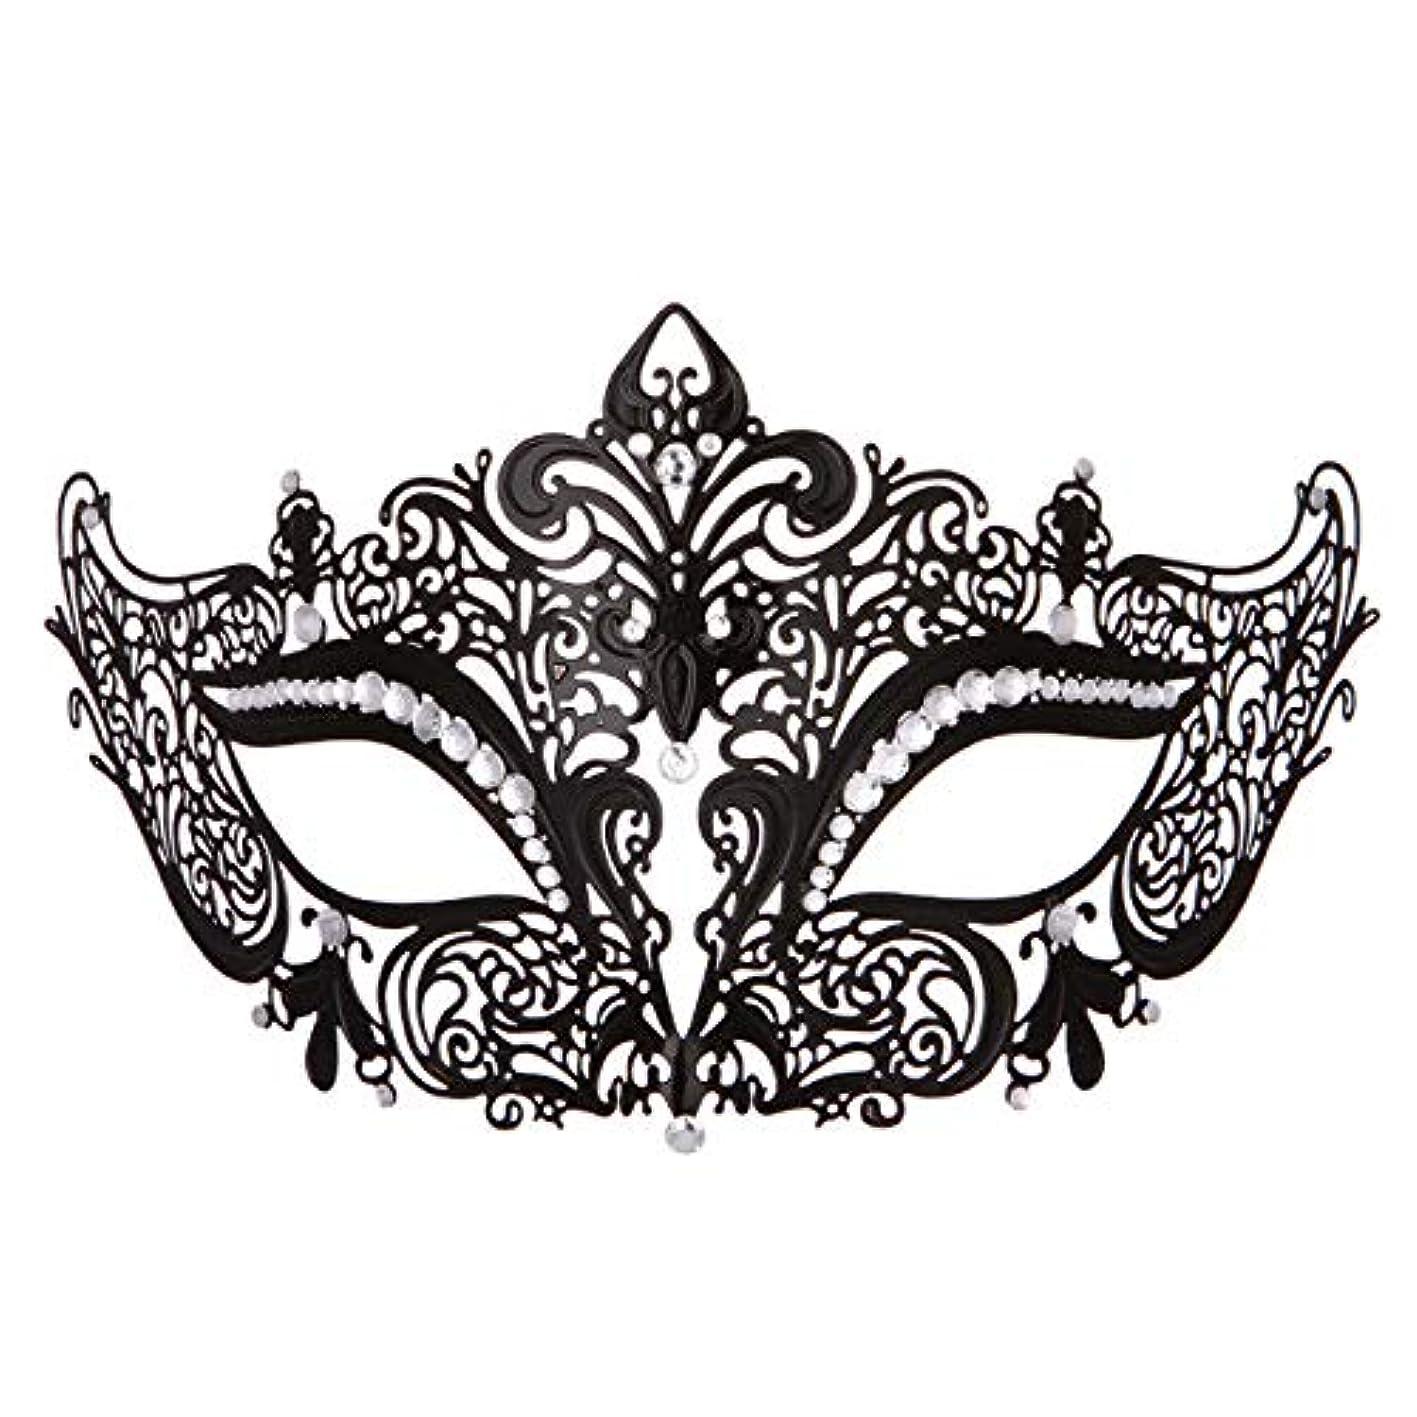 ラビリンスステープル抵抗力があるメタルマスク/ダイヤモンドカットマスク/アイアンマスクキャットヘッドブラック/ハロウィーン、パーティー、仮面舞踏会、お祝いマスク